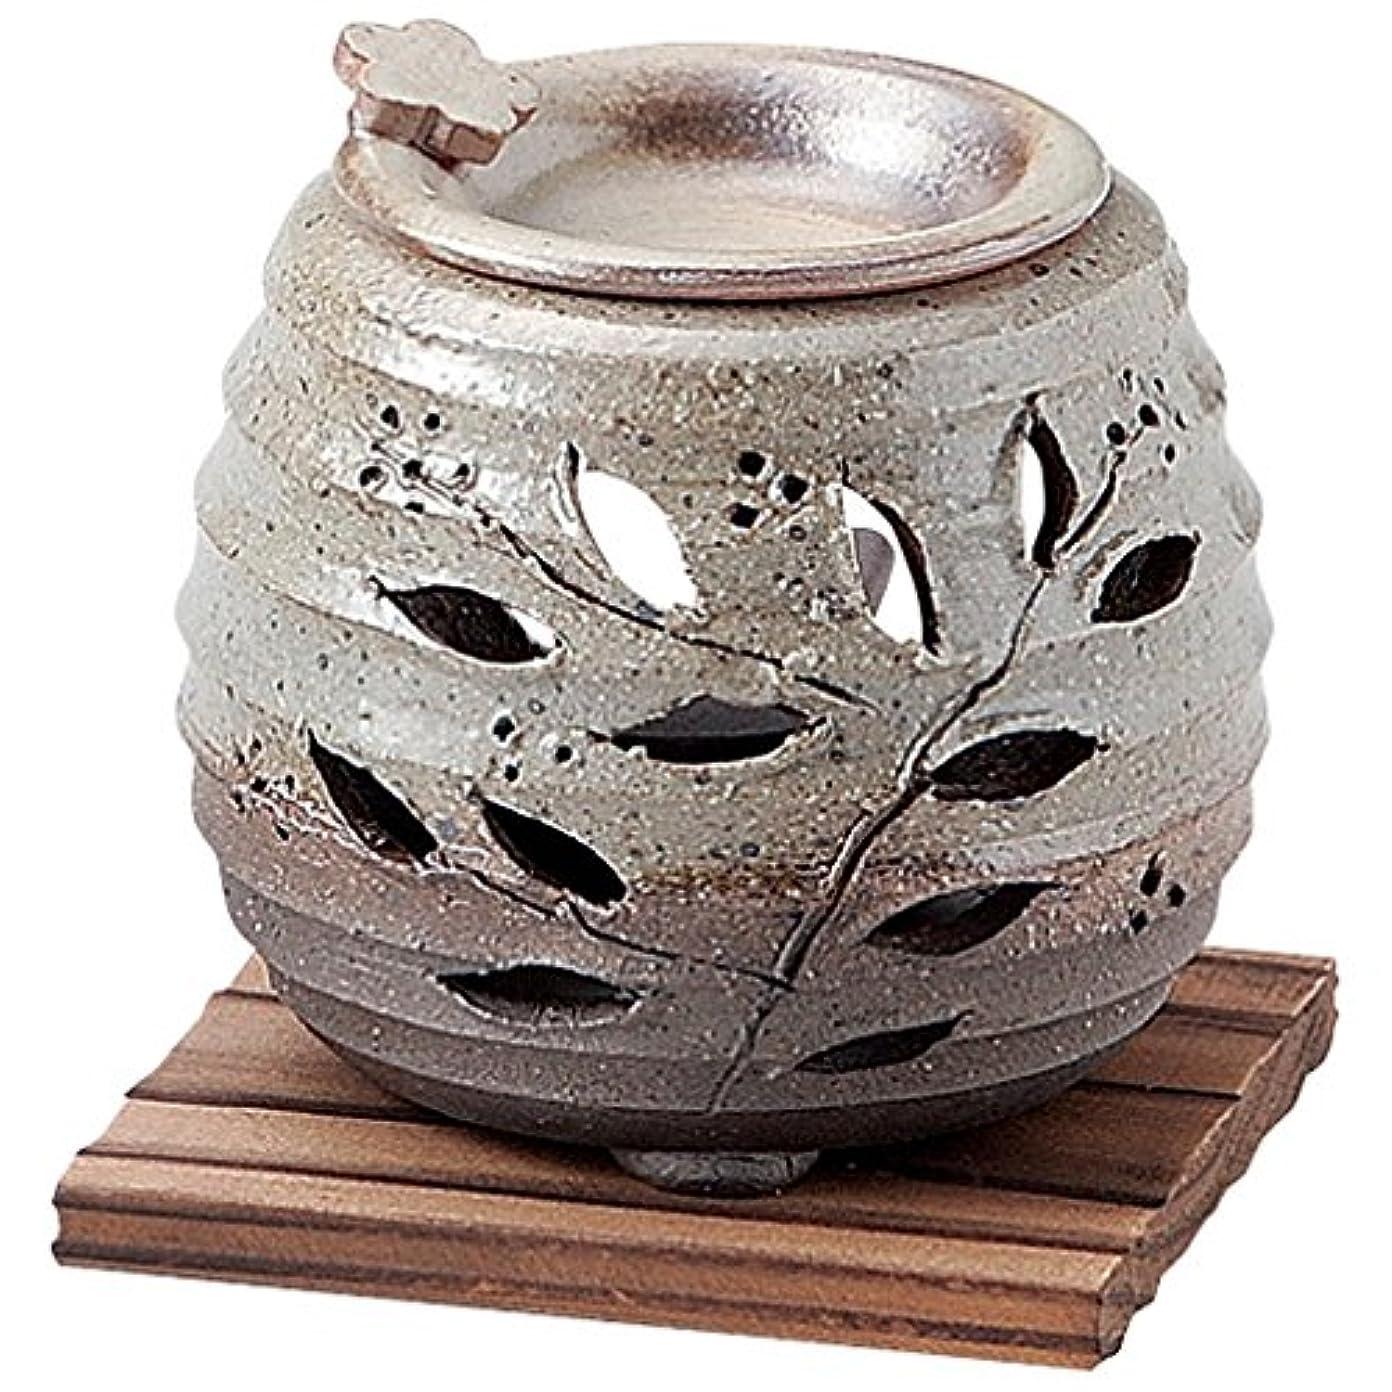 溶融ジェット矩形山下工芸 常滑焼 石龍緑灰釉花茶香炉 板付 10.5×11×11cm 13045750